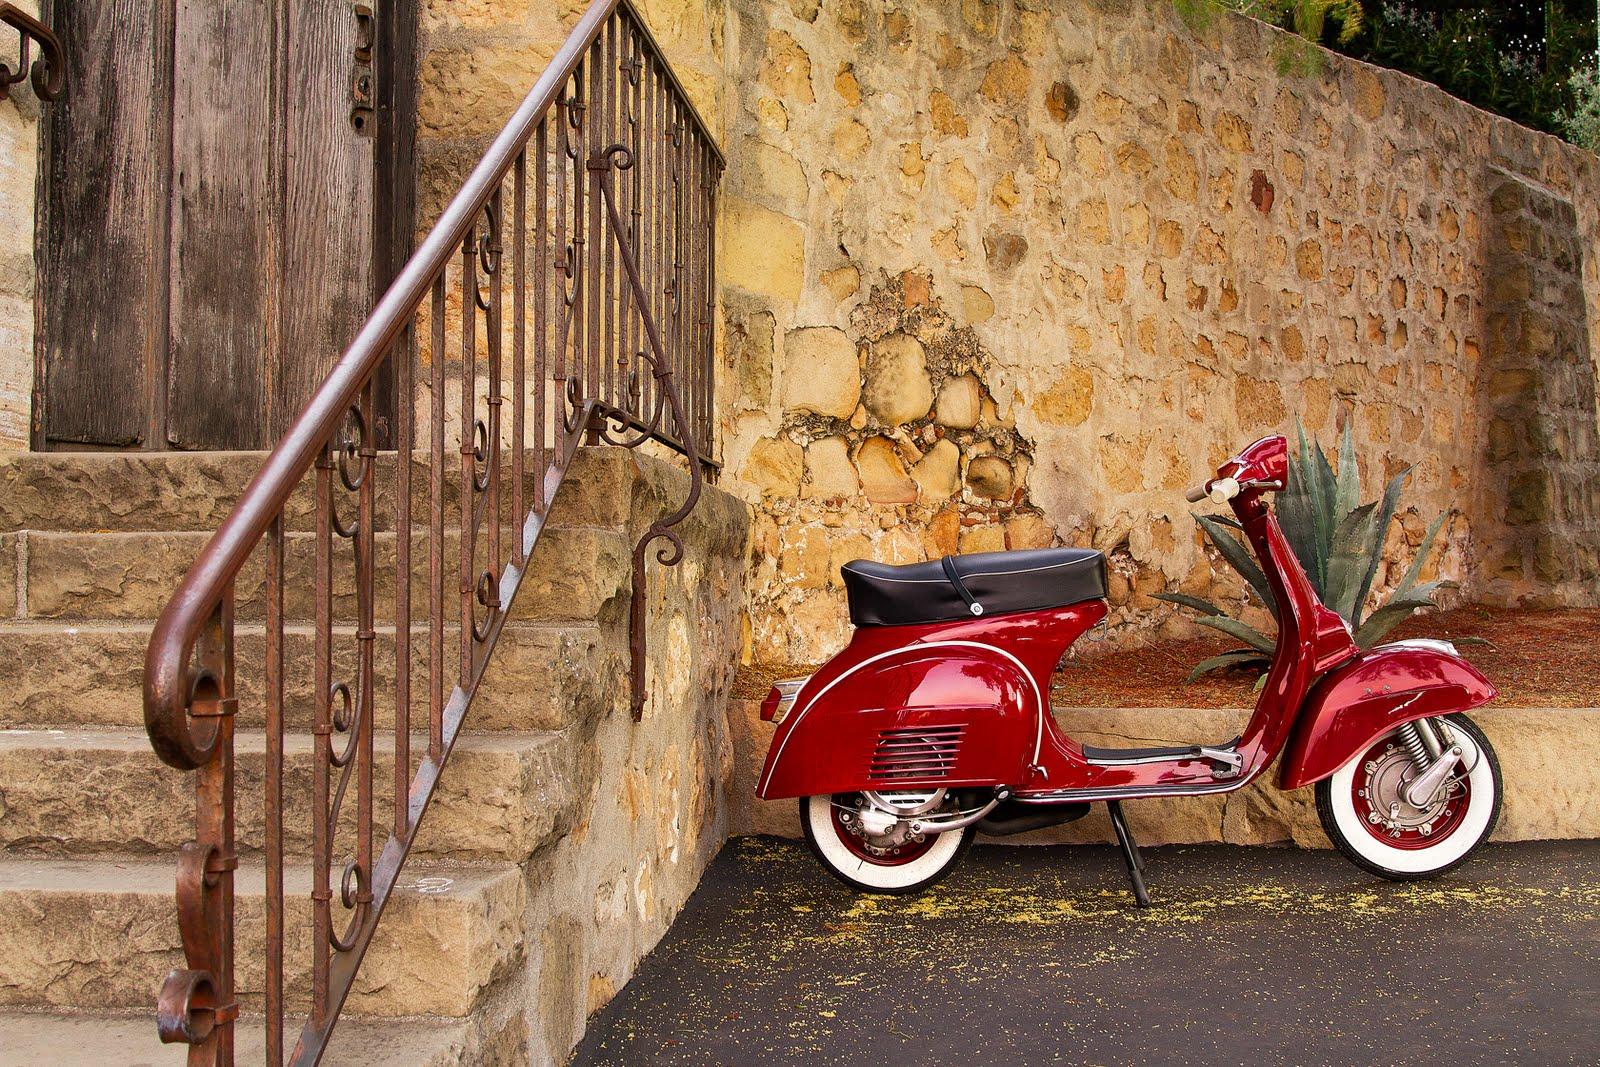 Bloggin vespa rare vespa photos of the day roxyvespa for Vespa com italia